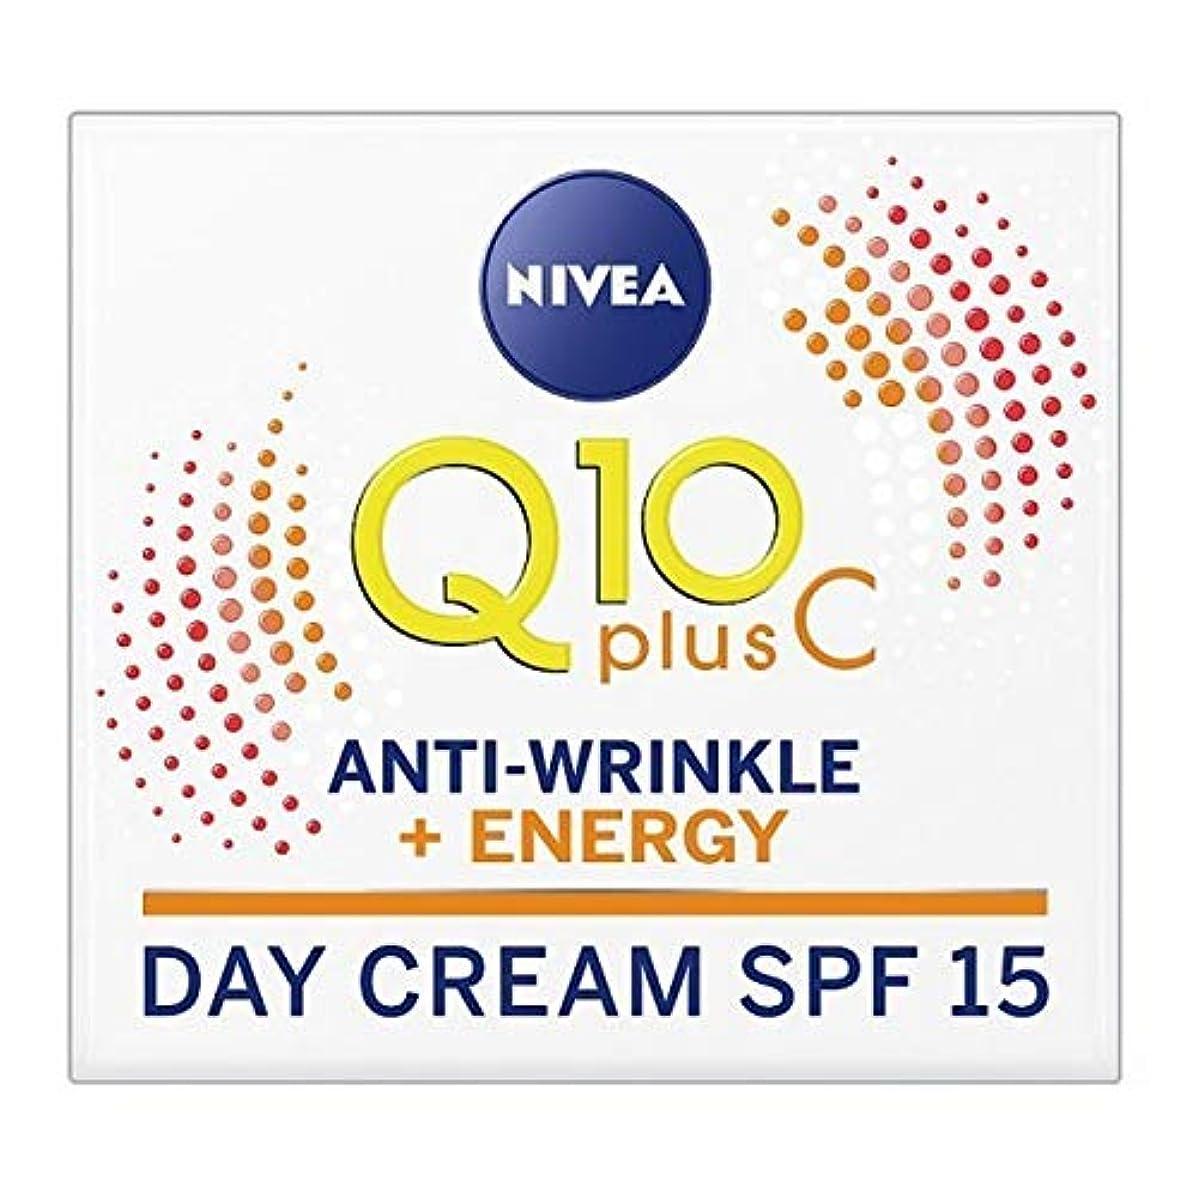 誰かイソギンチャク有害な[Nivea ] ニベアのQ10、ビタミンC抗シワエネルギーフェイスクリームSpf 15 - NIVEA Q10 Vitamin C Anti-Wrinkle Energy Face Cream SPF 15 [並行輸入品]